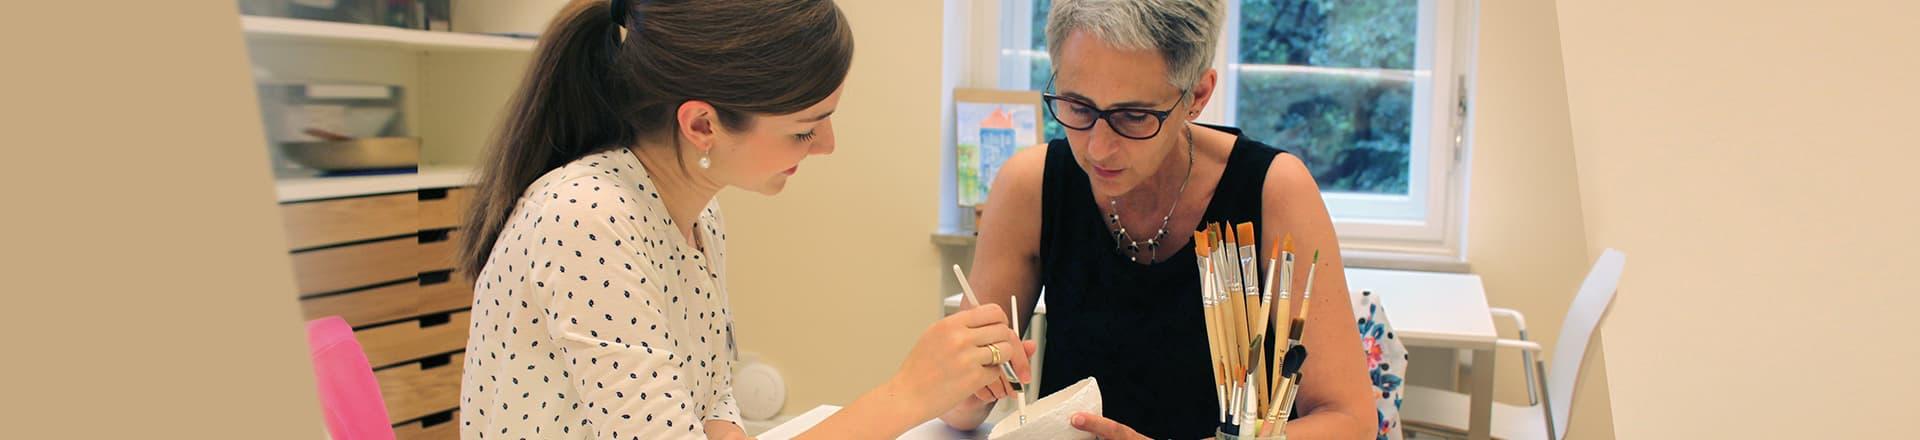 Betreuung eines an Demenz erkrankten Patienten in unserer Tagesklinik in München